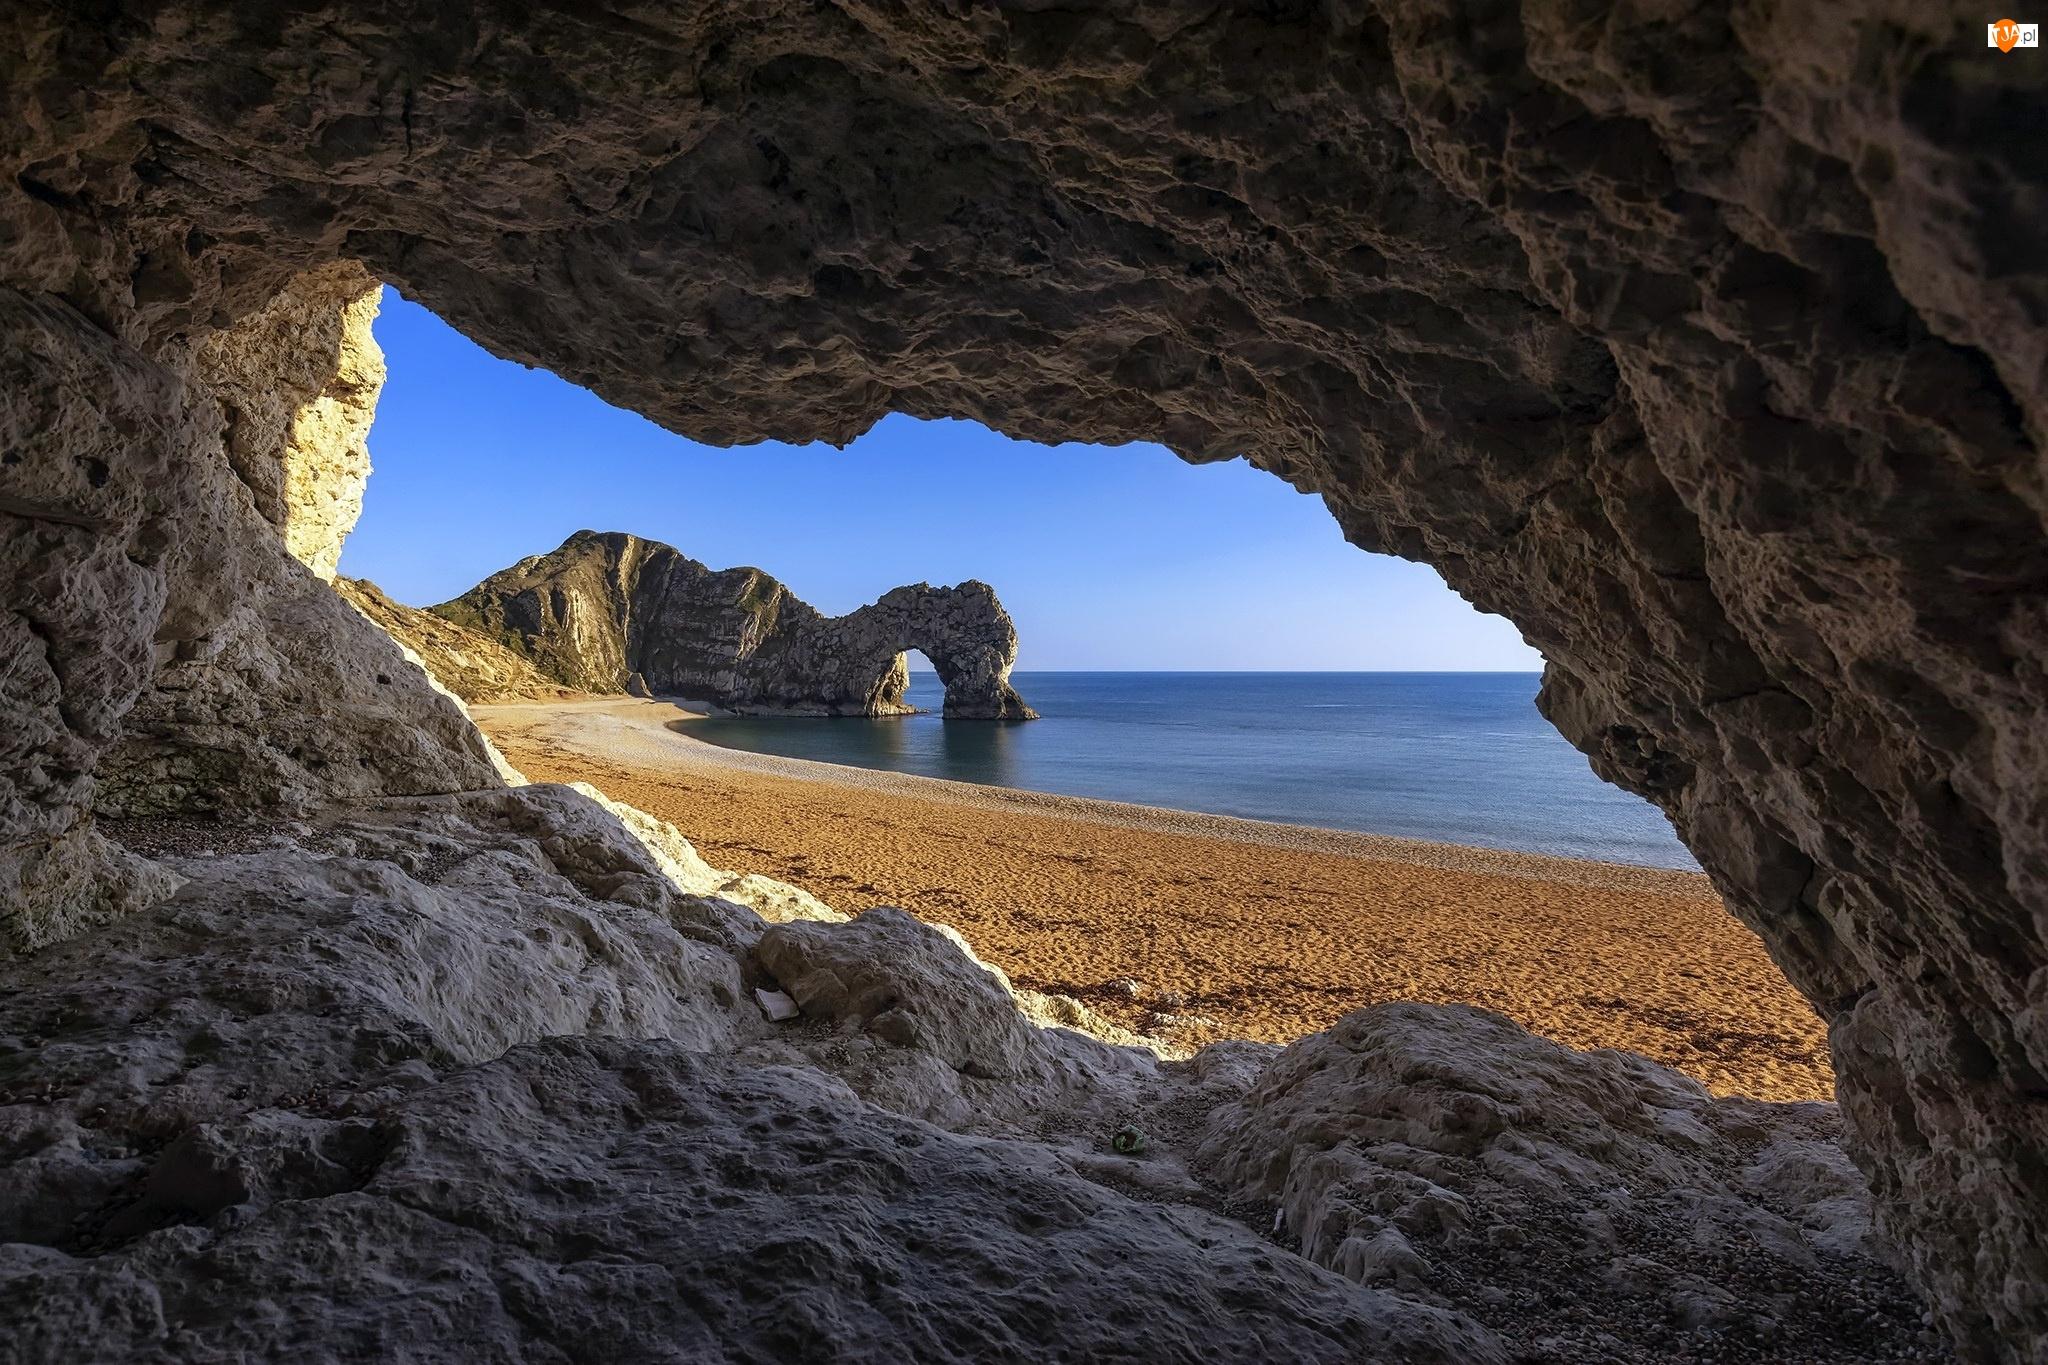 Morze, Łuk wapienny, Plaża, Hrabstwo Dorset, Durdle Door, Skały, Anglia, Wybrzeże Jurajskie